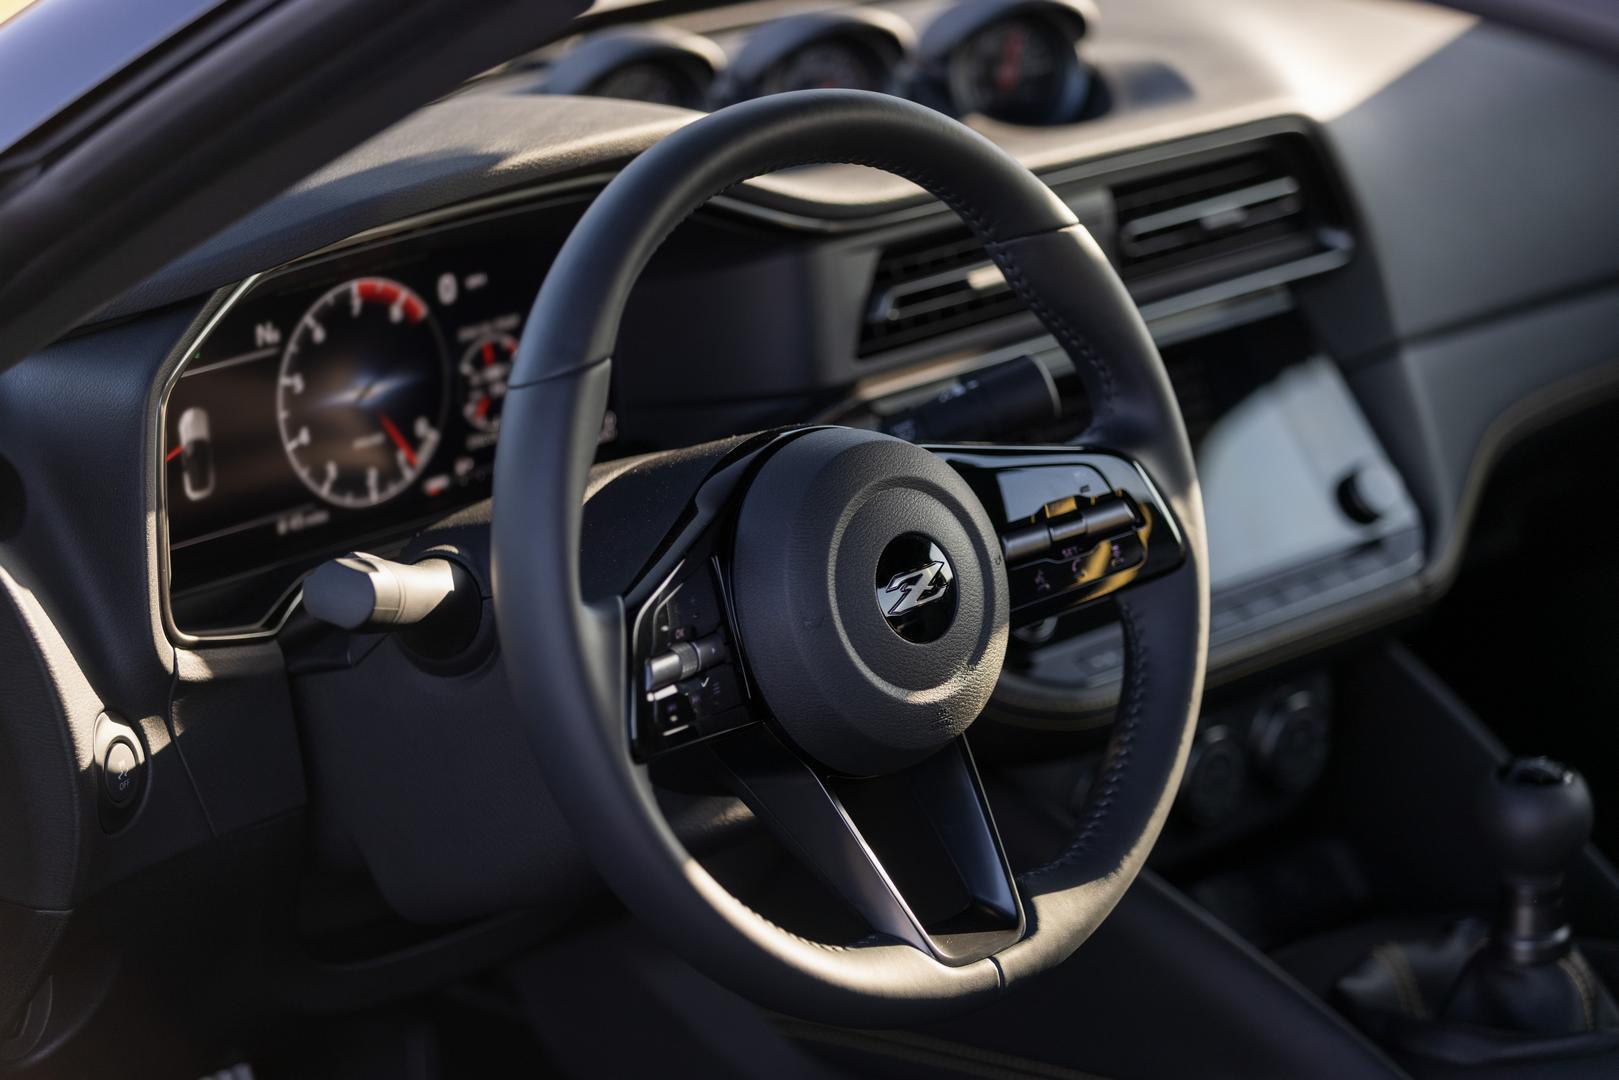 2022 Nissan Z steering wheel